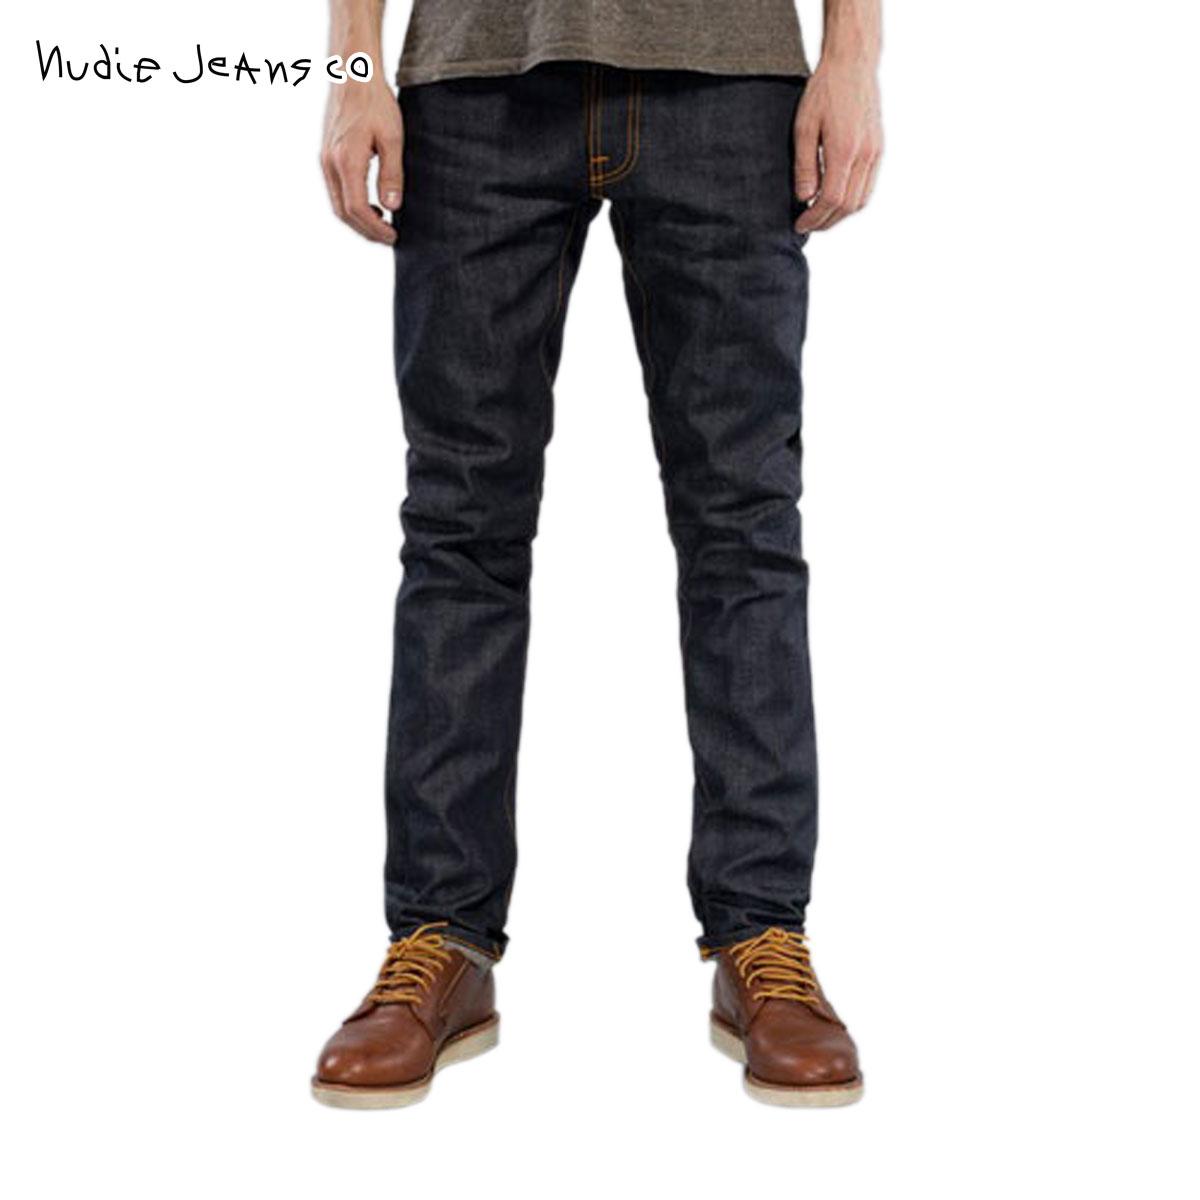 Nudie jeans Nudie Jeans men s jeans Thin Finn 011 1114890 1053 Dry Selvage f773bd6245c3